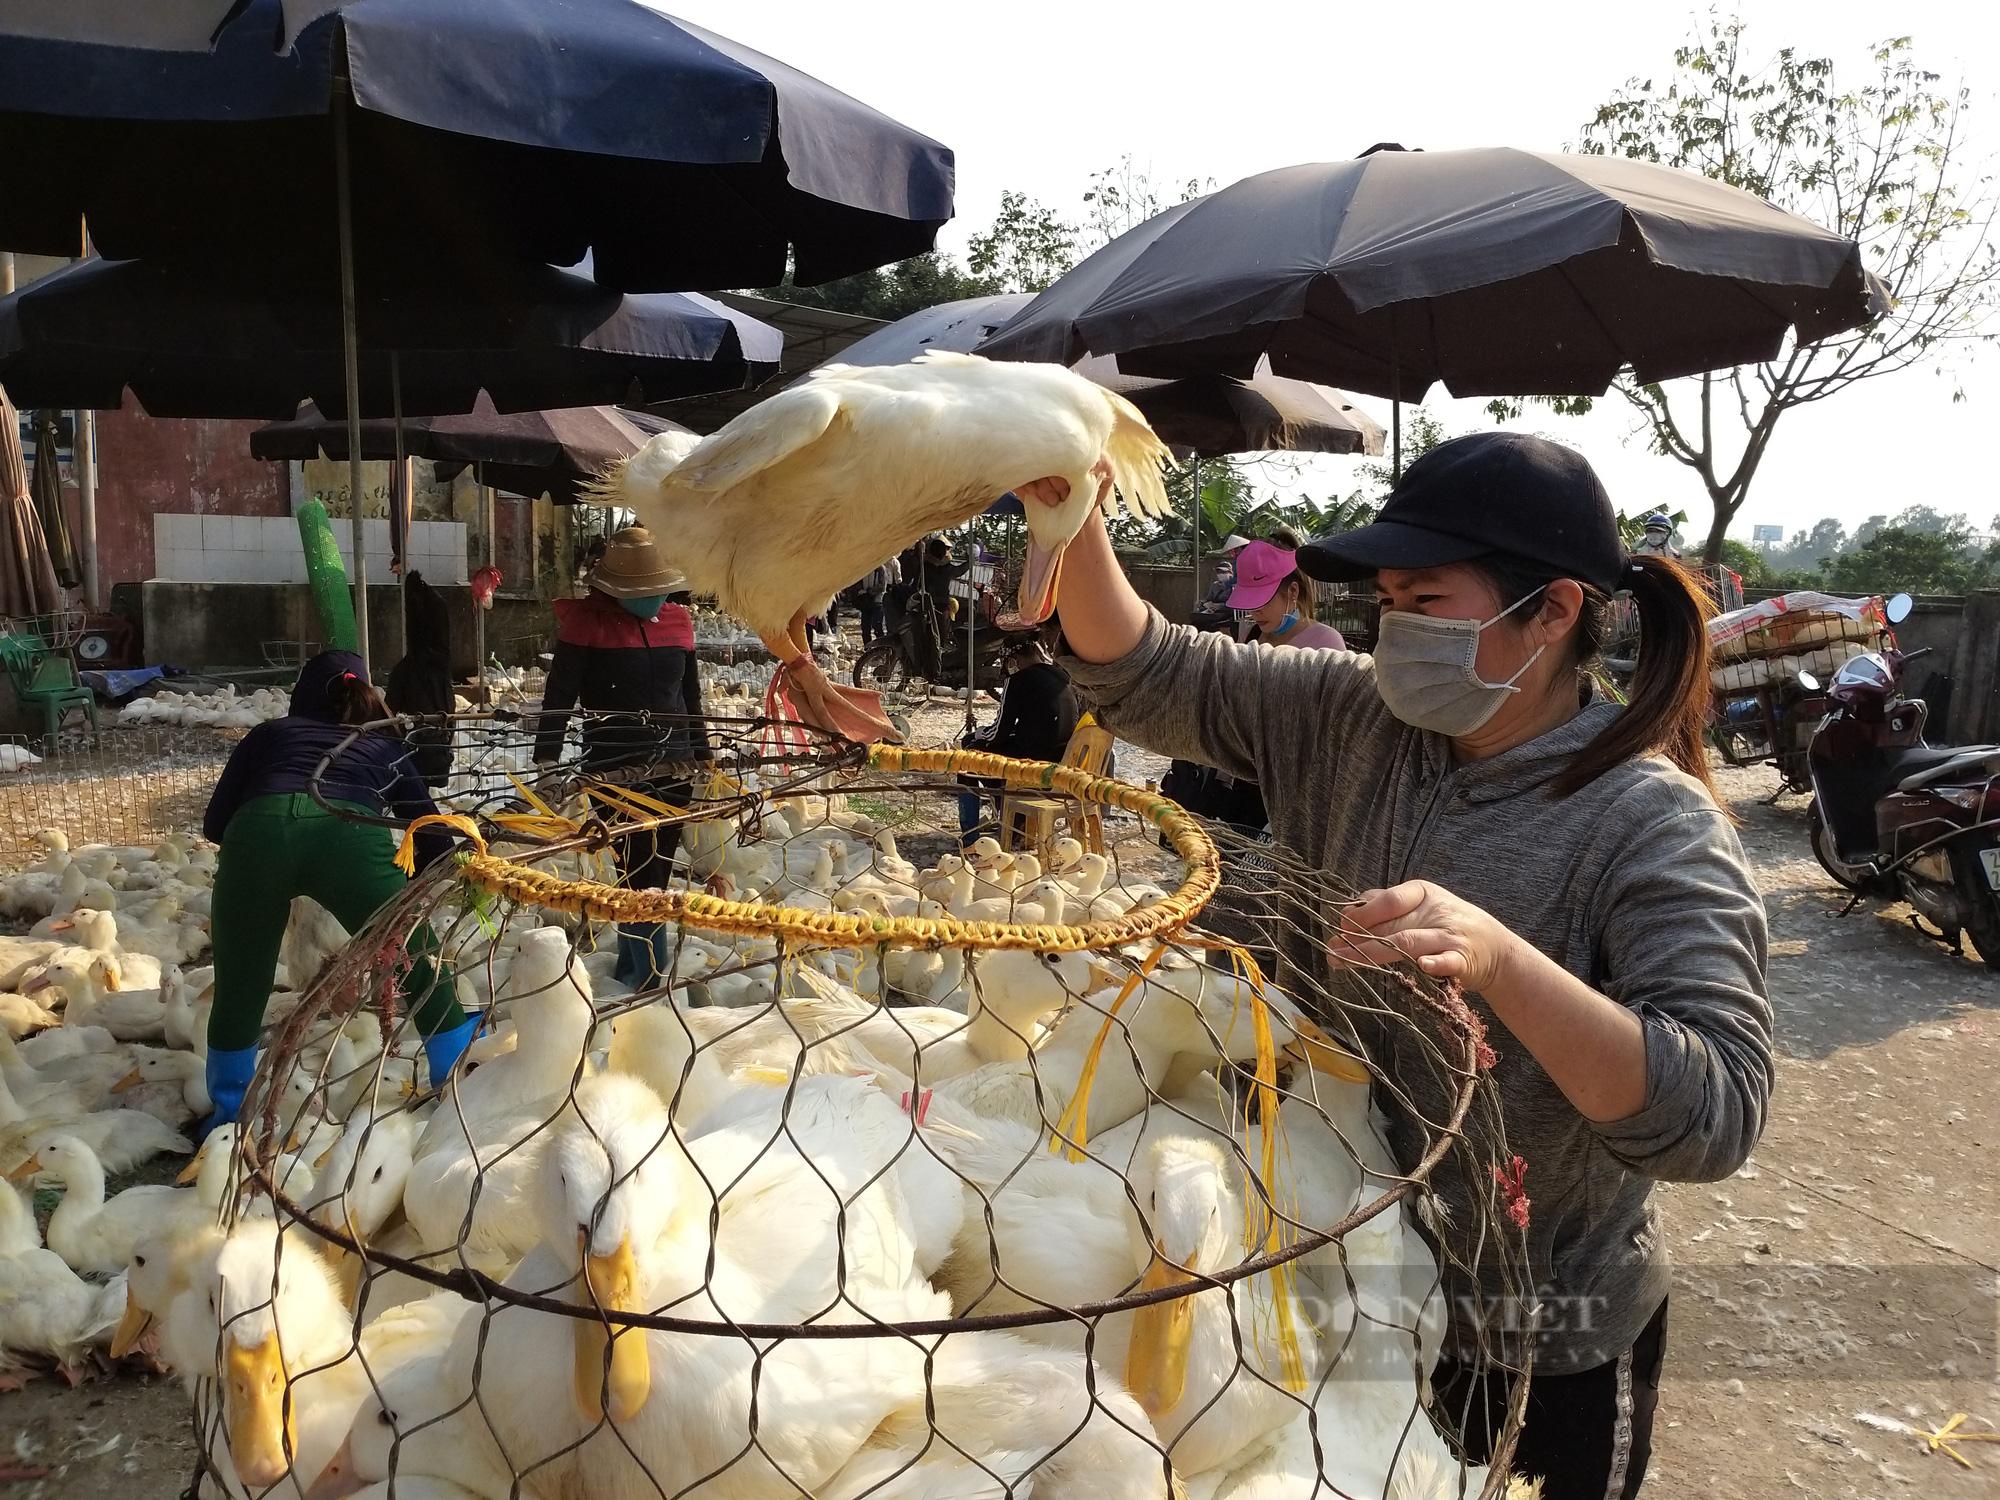 Giá gia cầm hôm nay 18/9: Cập nhật giá gà, vịt mới nhất tại ba miền, giá gà trắng đi ngang - Ảnh 1.